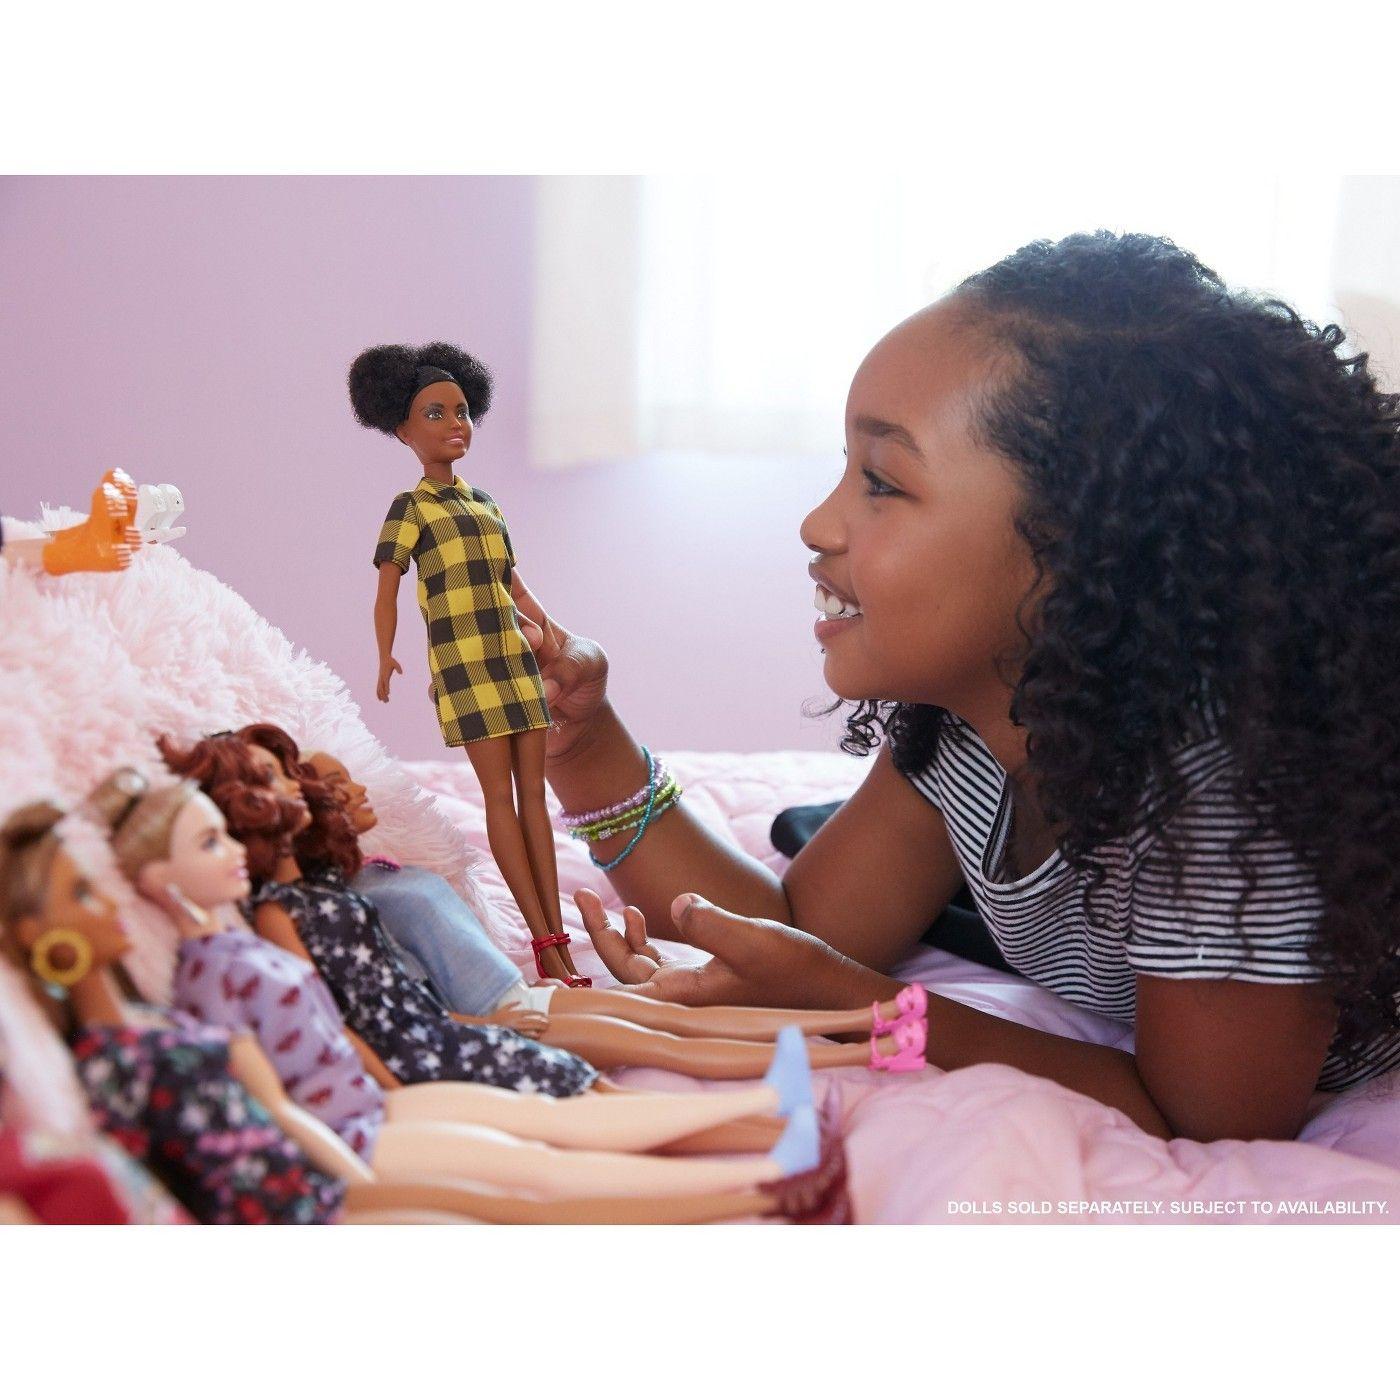 b8b10636319 Barbie Fashionistas Dolls - Cheerful Check  Fashionistas